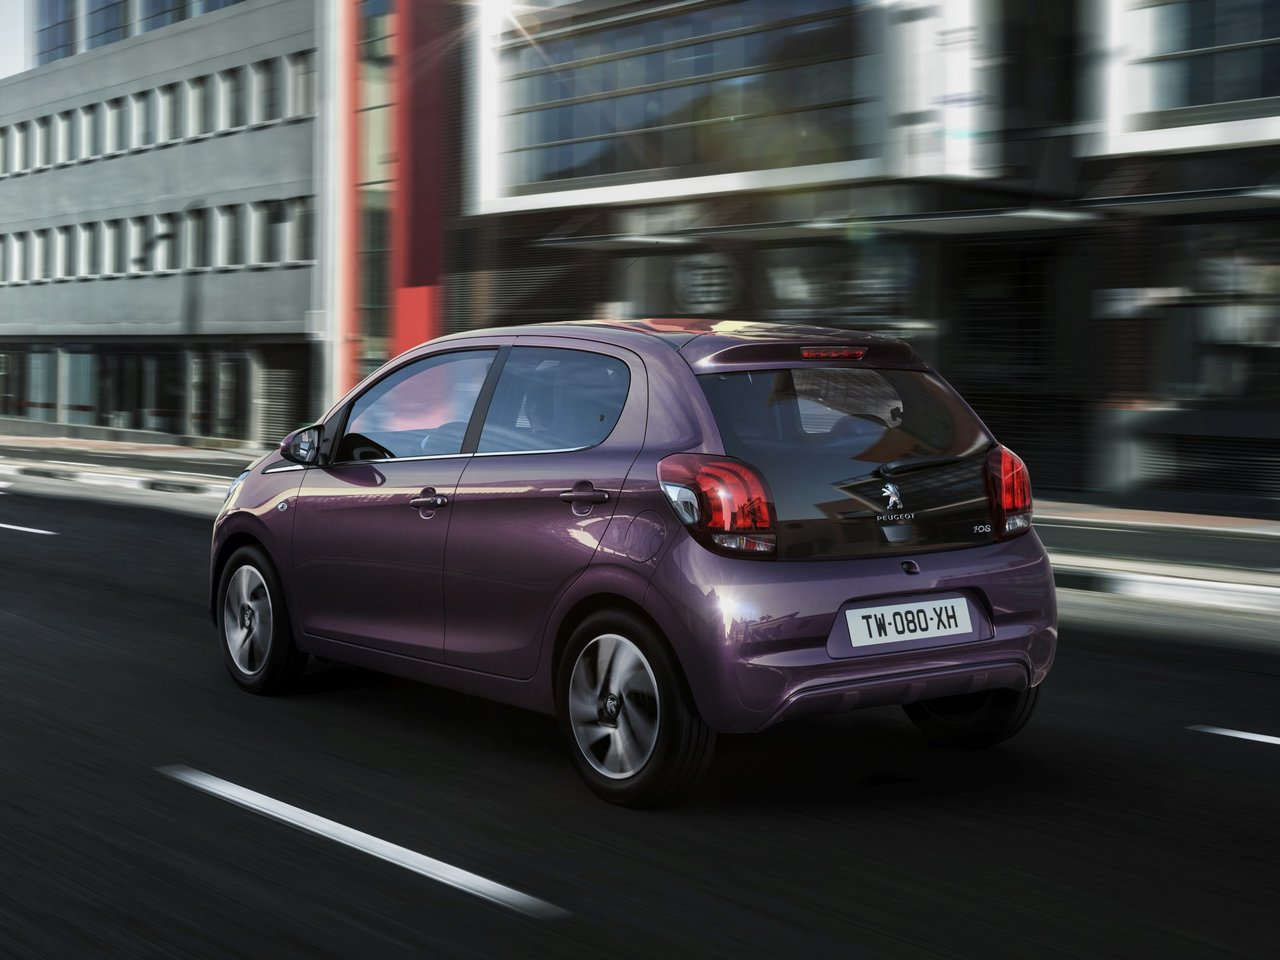 Снимки: Peugeot 108